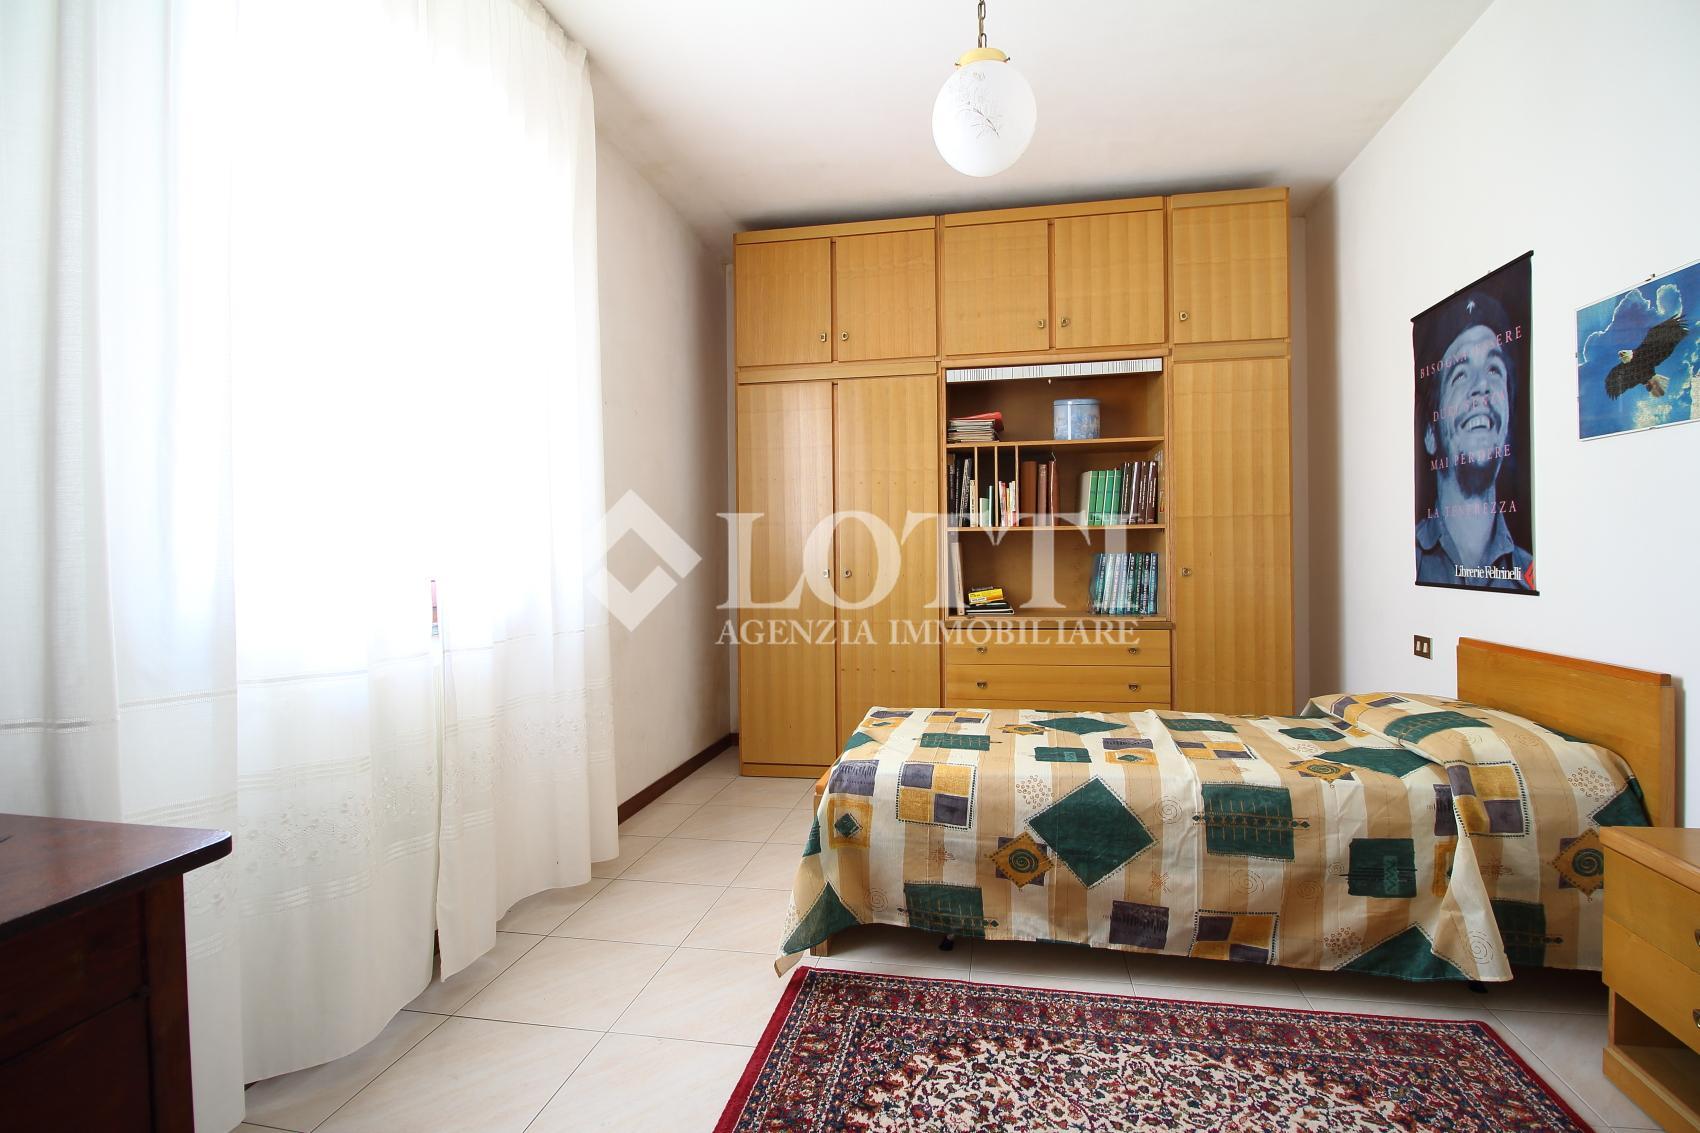 Villetta a schiera in vendita, rif. 392